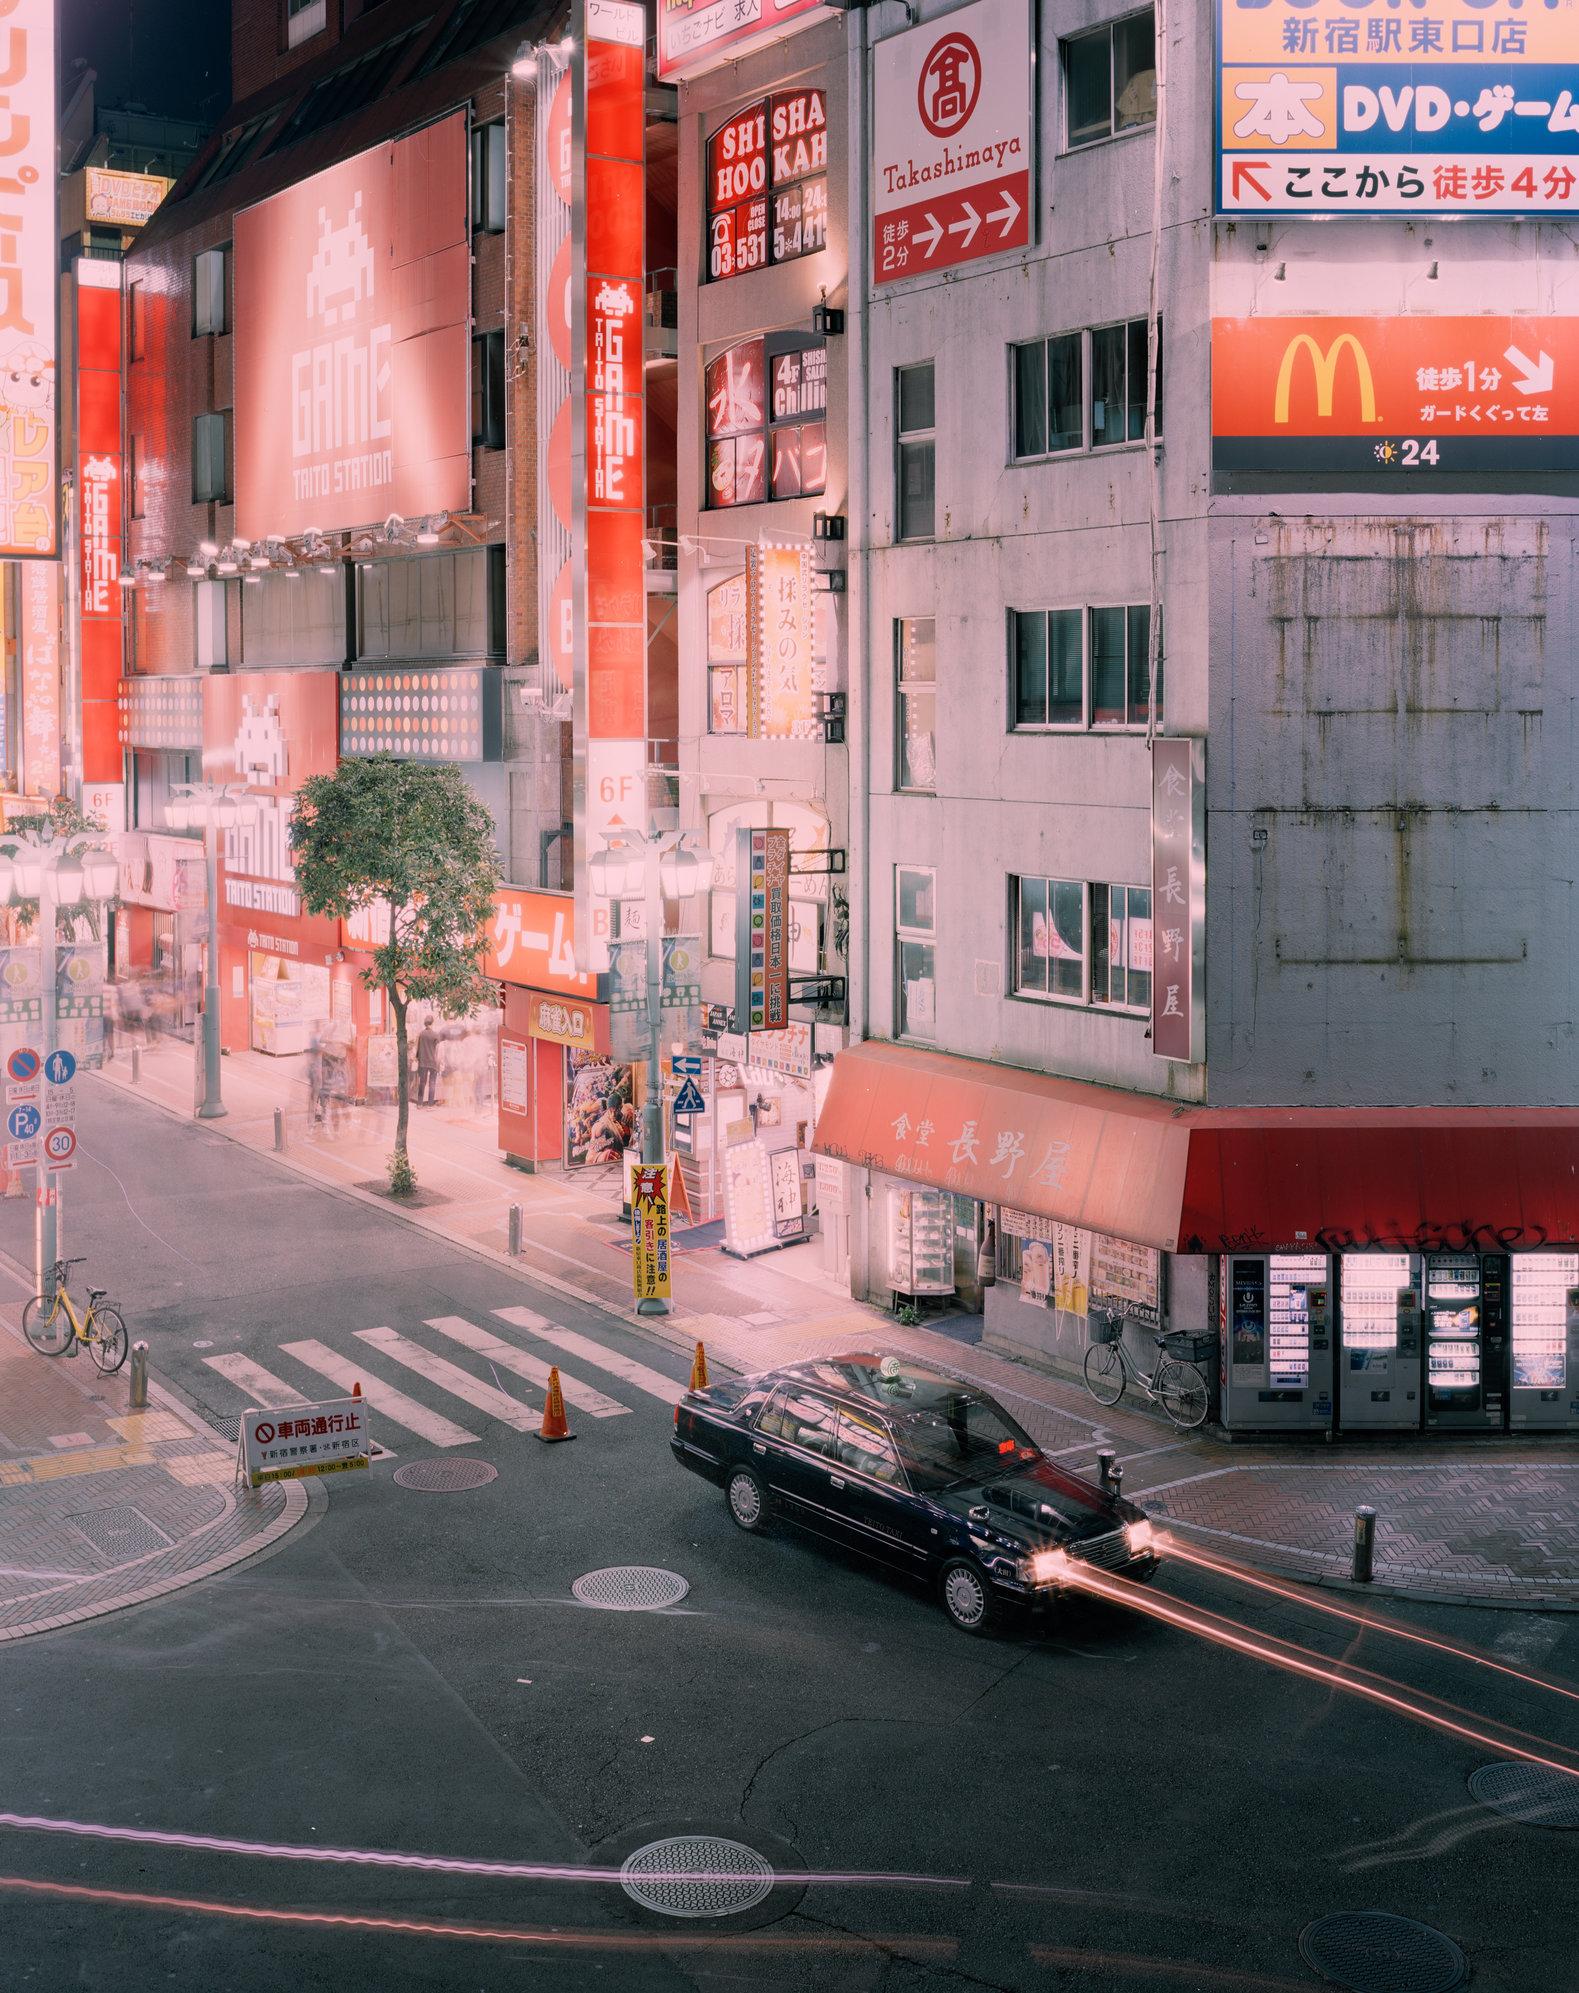 PascalVossen_Japan_Tokyo_4x5_Car-1.jpg